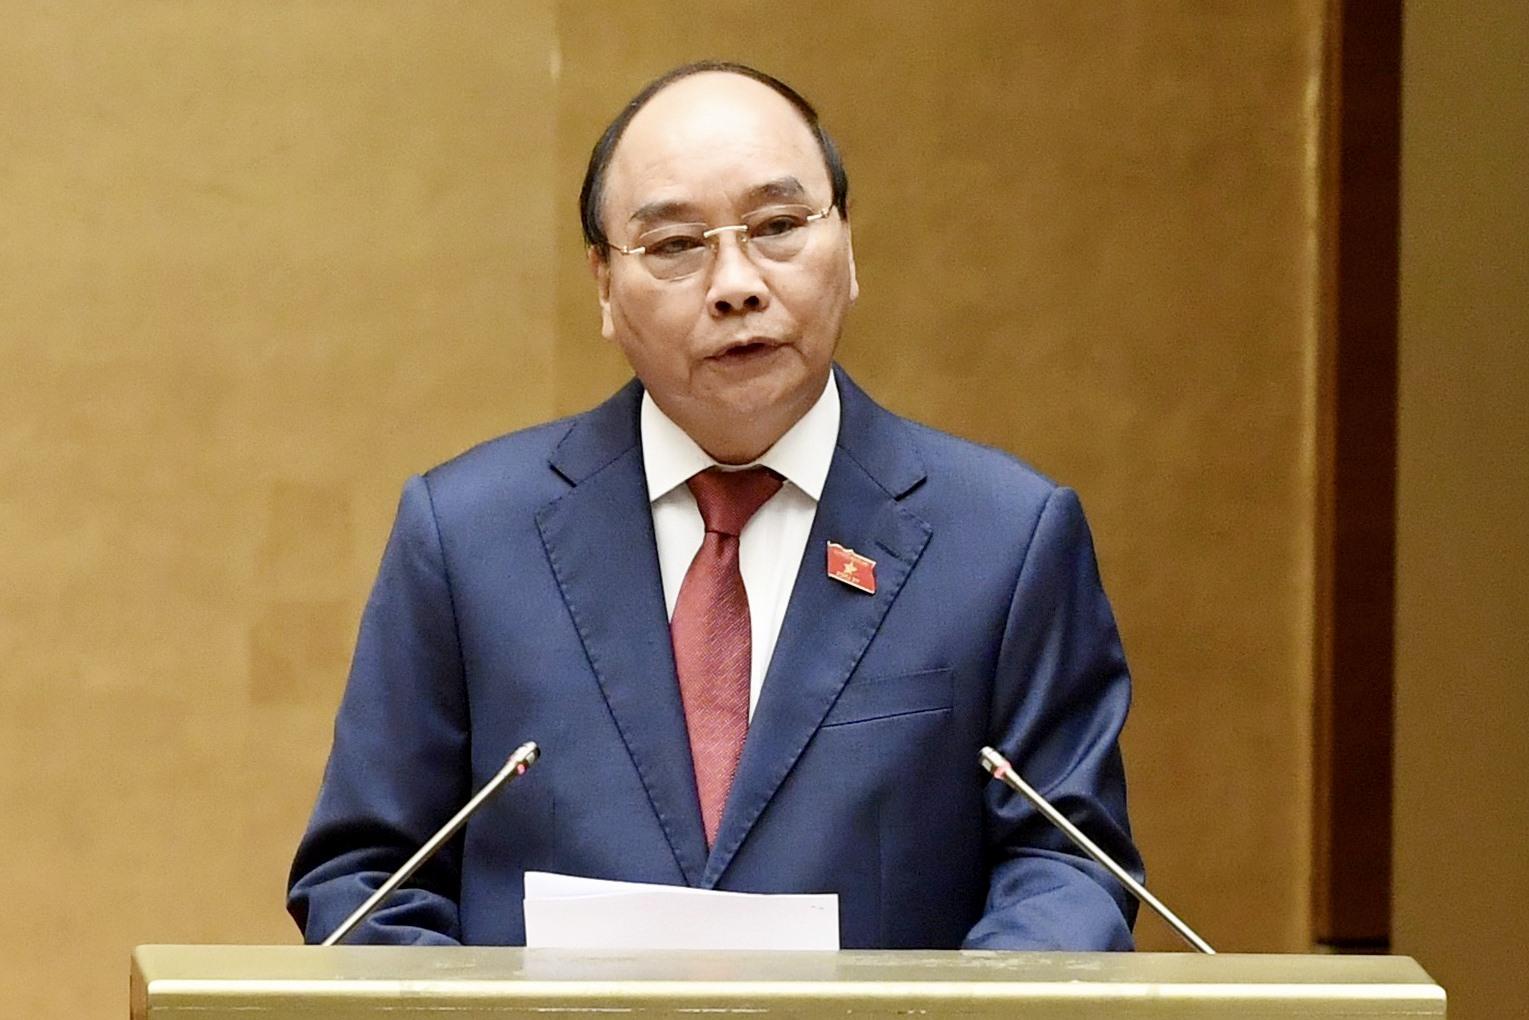 Chủ tịch nước Nguyễn Xuân Phúc đã có bài phát biểu trước Quốc hội.